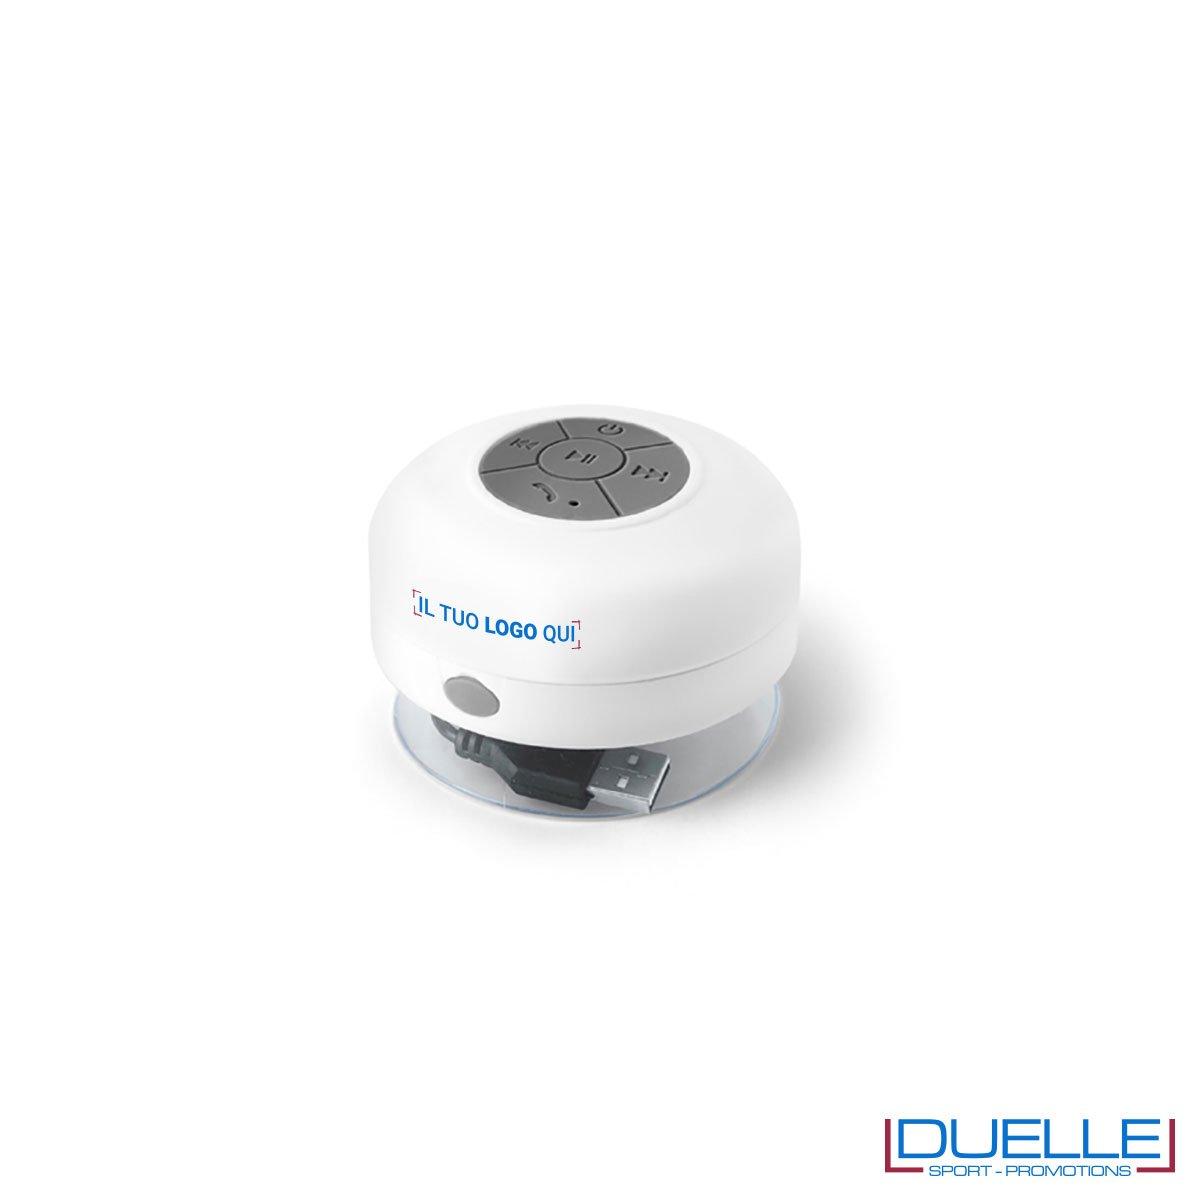 Altoparlante bluetooth personalizzato waterproof colore bianco